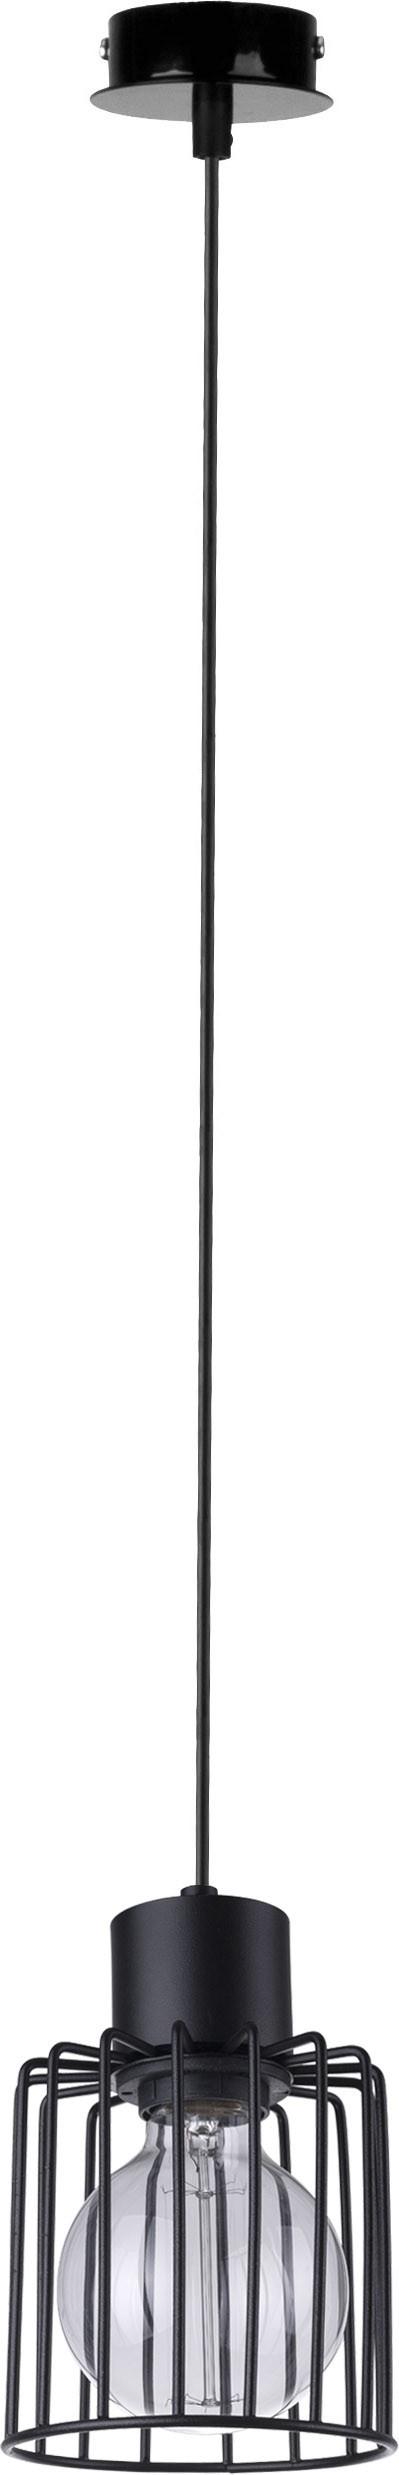 Lampa wisząca Luto kwadrat 1 czarna 31132 - Sigma Do -17% rabatu w koszyku i darmowa dostawa od 299zł !